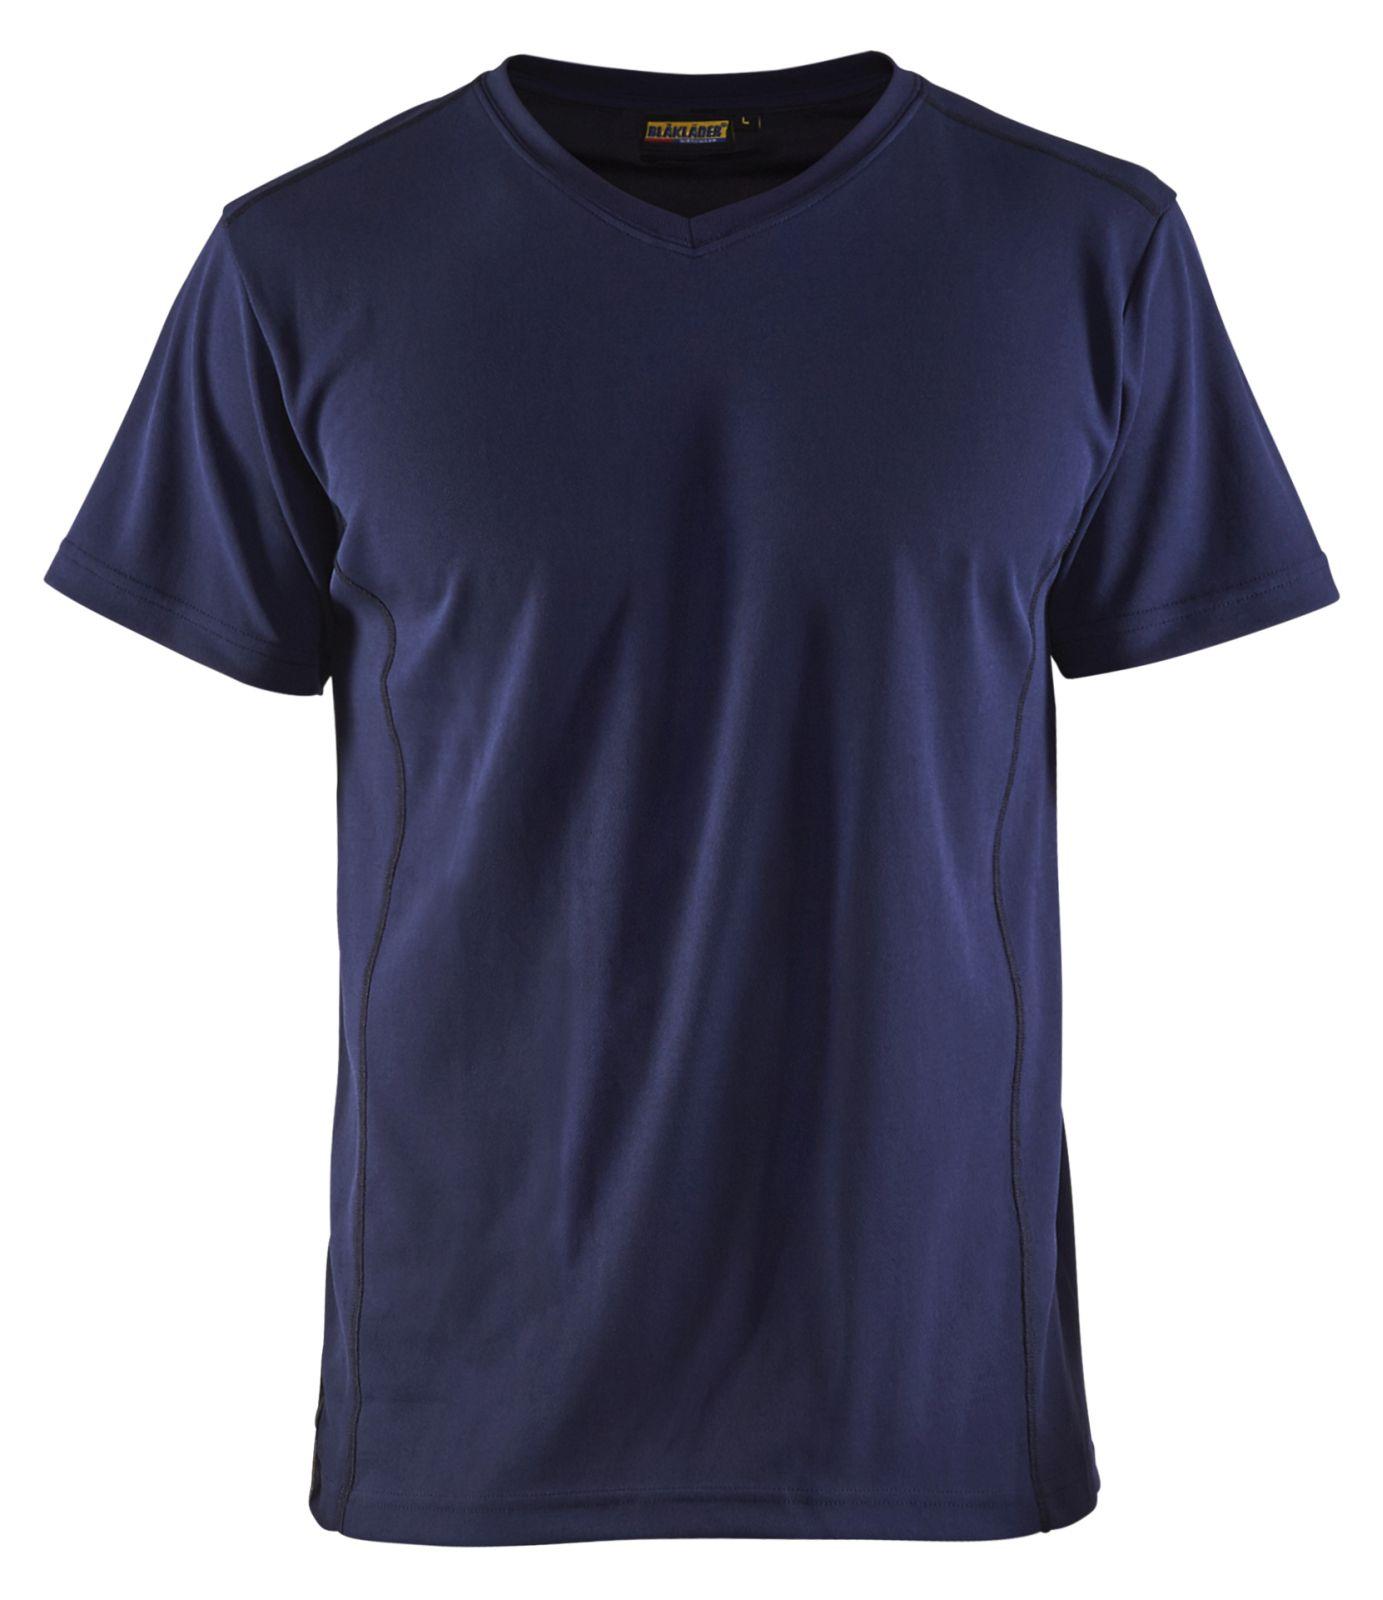 Blaklader T-shirts 33231051 marineblauw(8900)